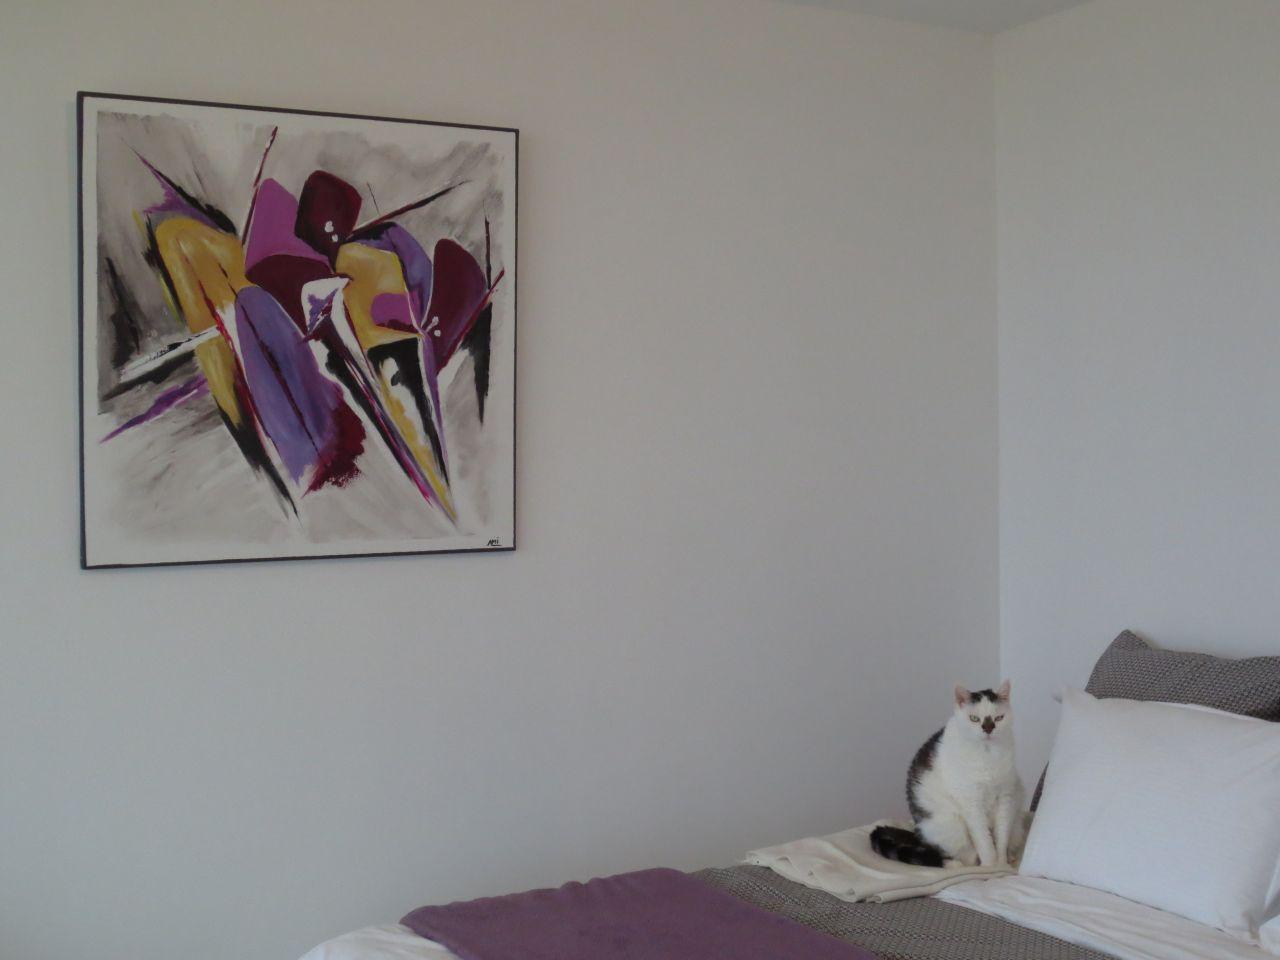 Voici mon dernier tableau ou j'ai mis du violet pour assortir à la chambre. On fait la déco avec les moyens du bord !!!